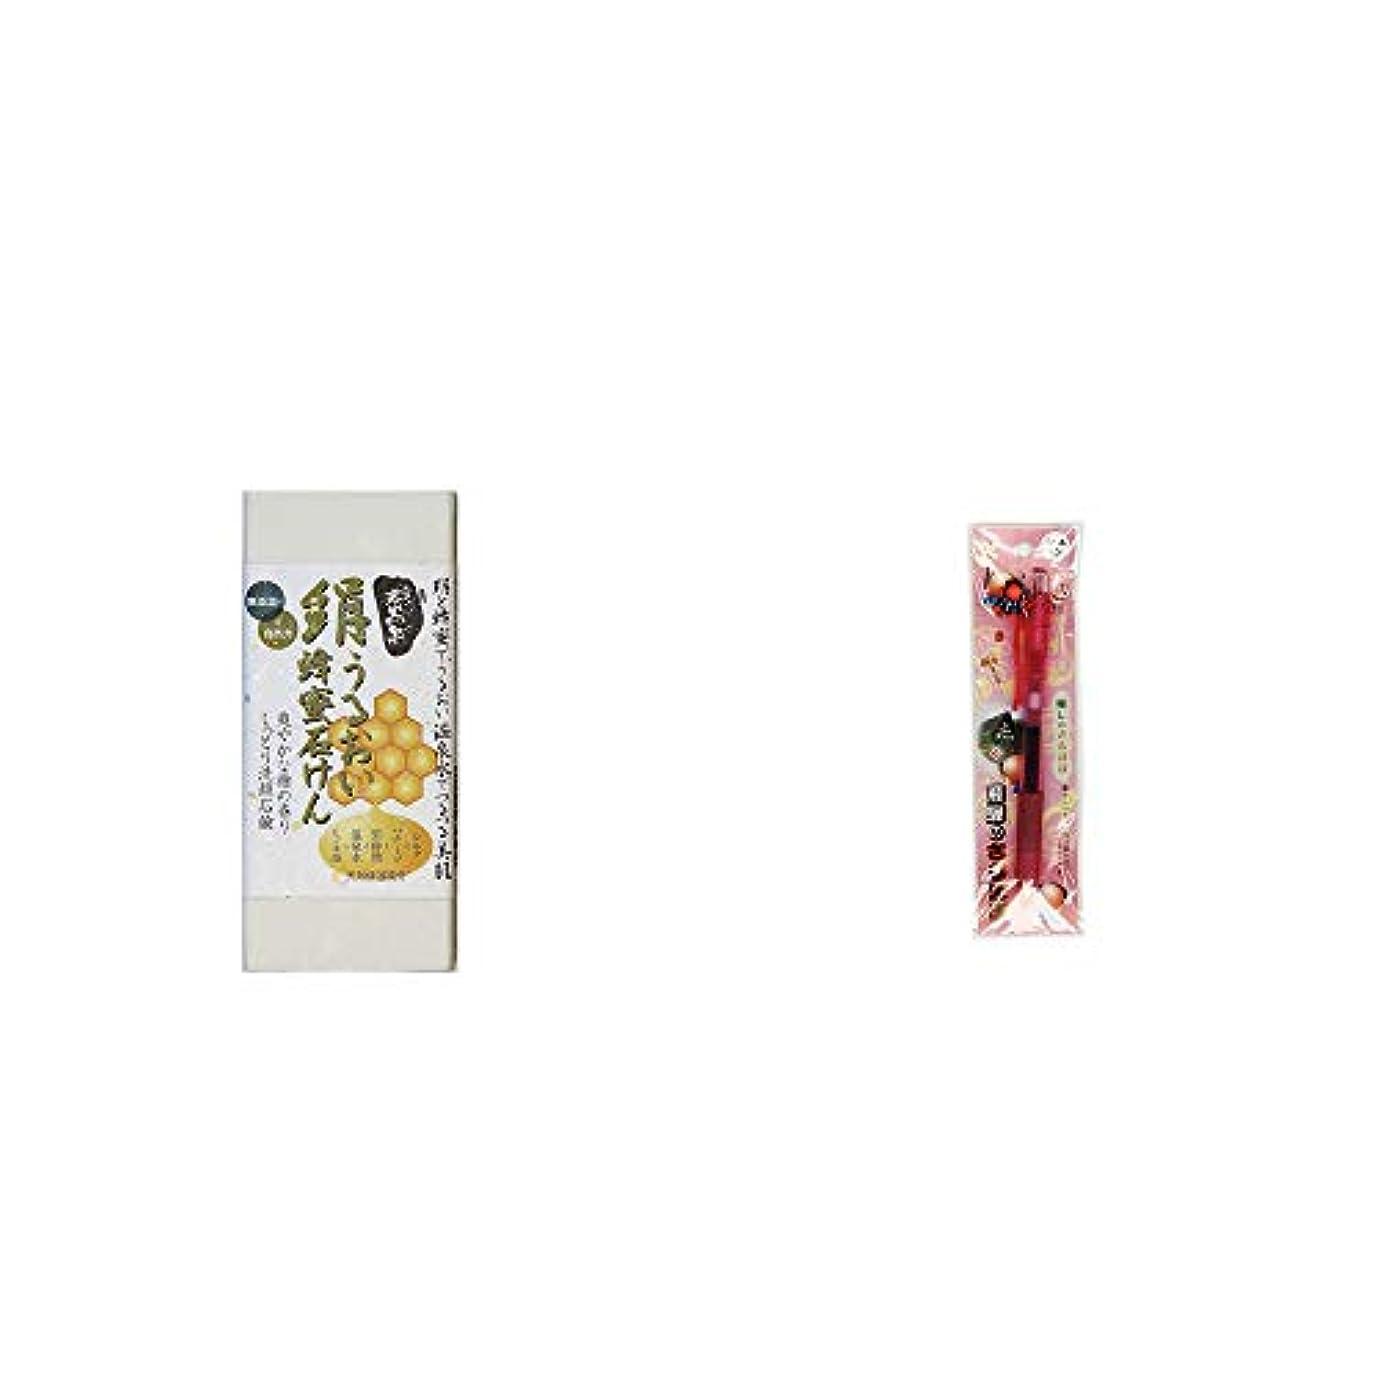 死ぬマトリックスエトナ山[2点セット] ひのき炭黒泉 絹うるおい蜂蜜石けん(75g×2)?さるぼぼ 癒しボールペン 【ピンク】